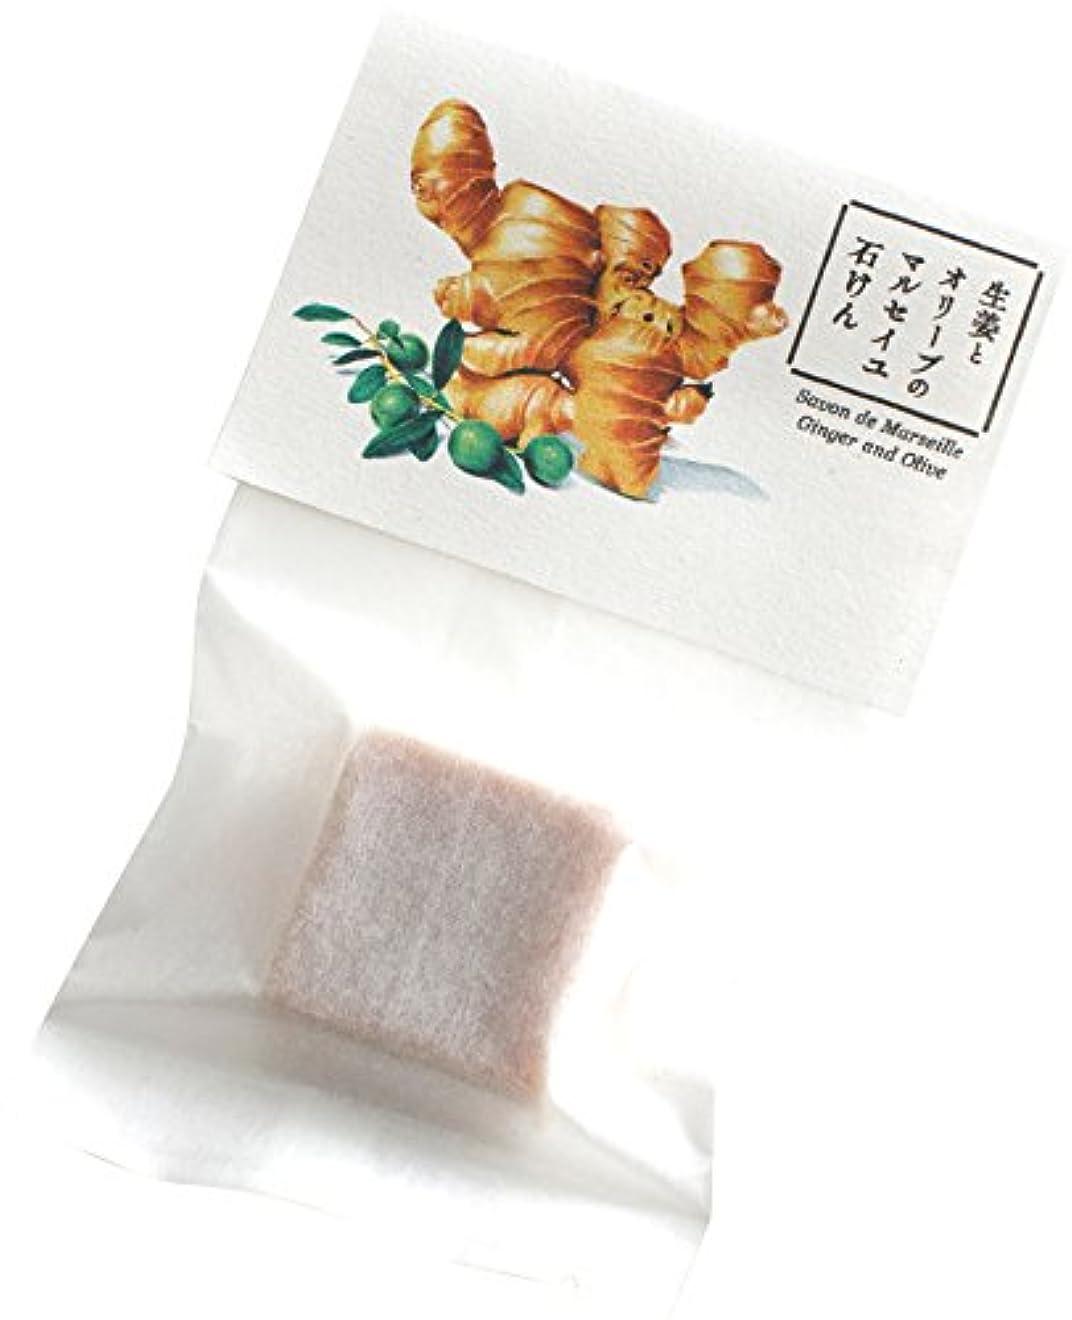 デジタル戸口死すべきウェルコ 洗顔料 生姜とオリーブのマルセイユ石けん お試し用 10g